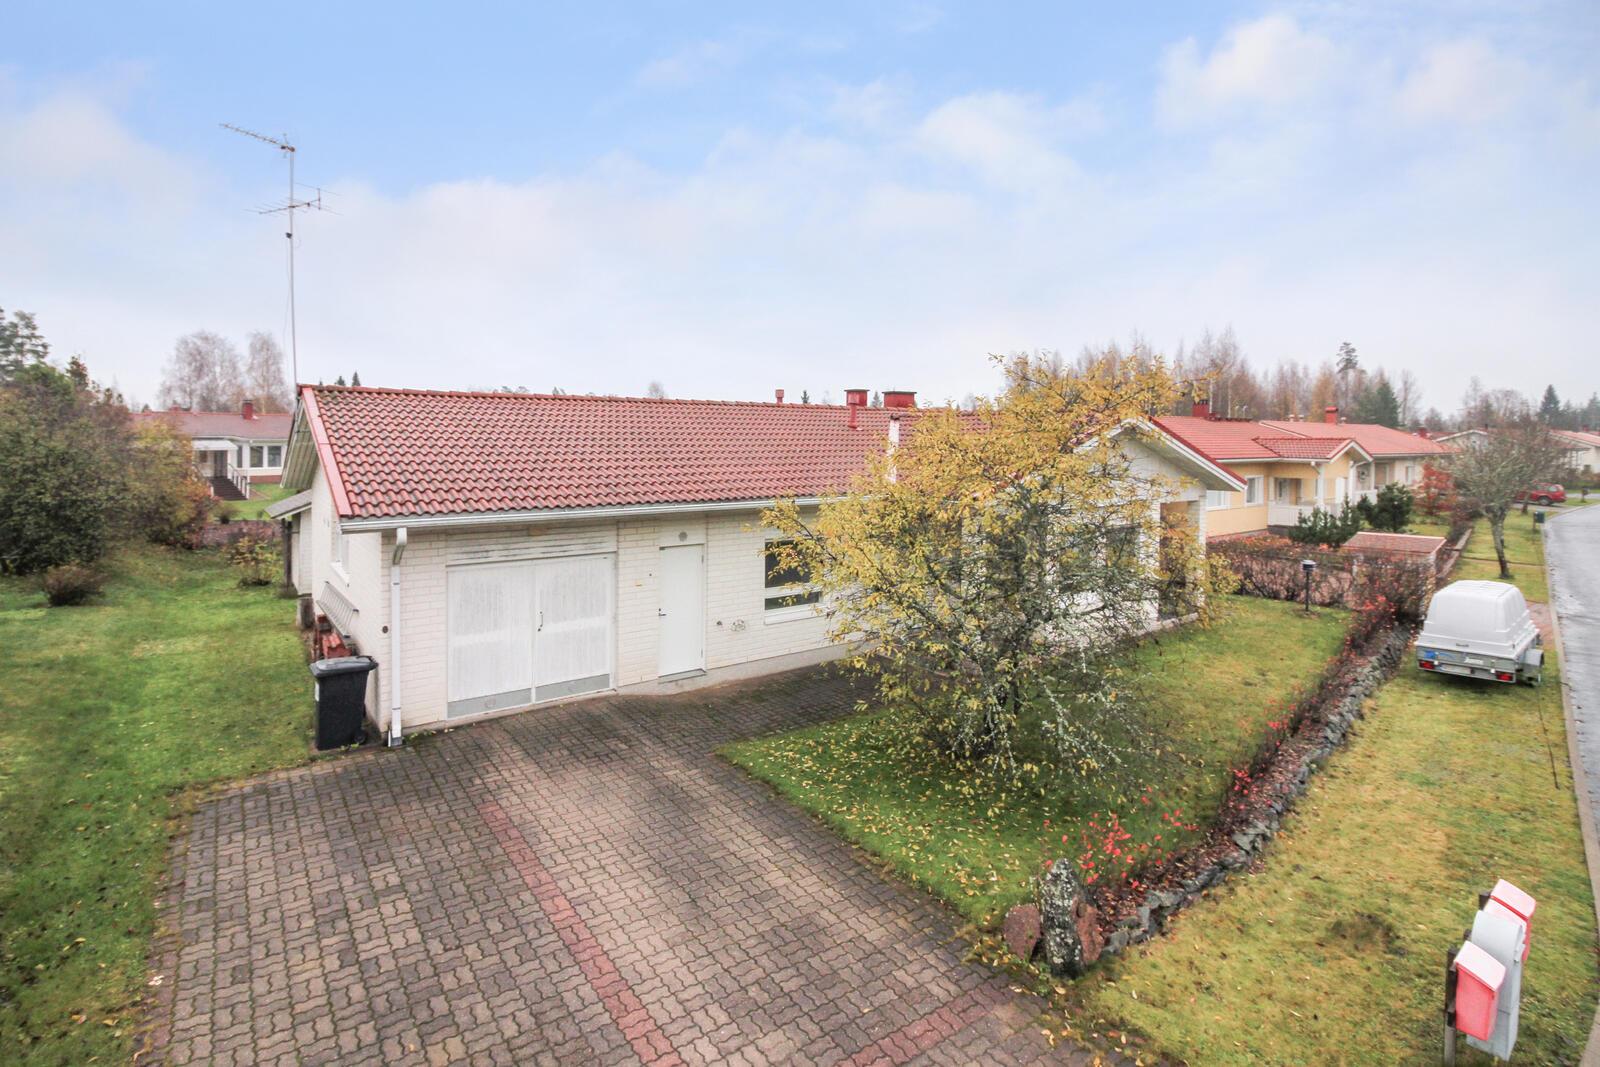 Uus-Lavola, Lappeenranta